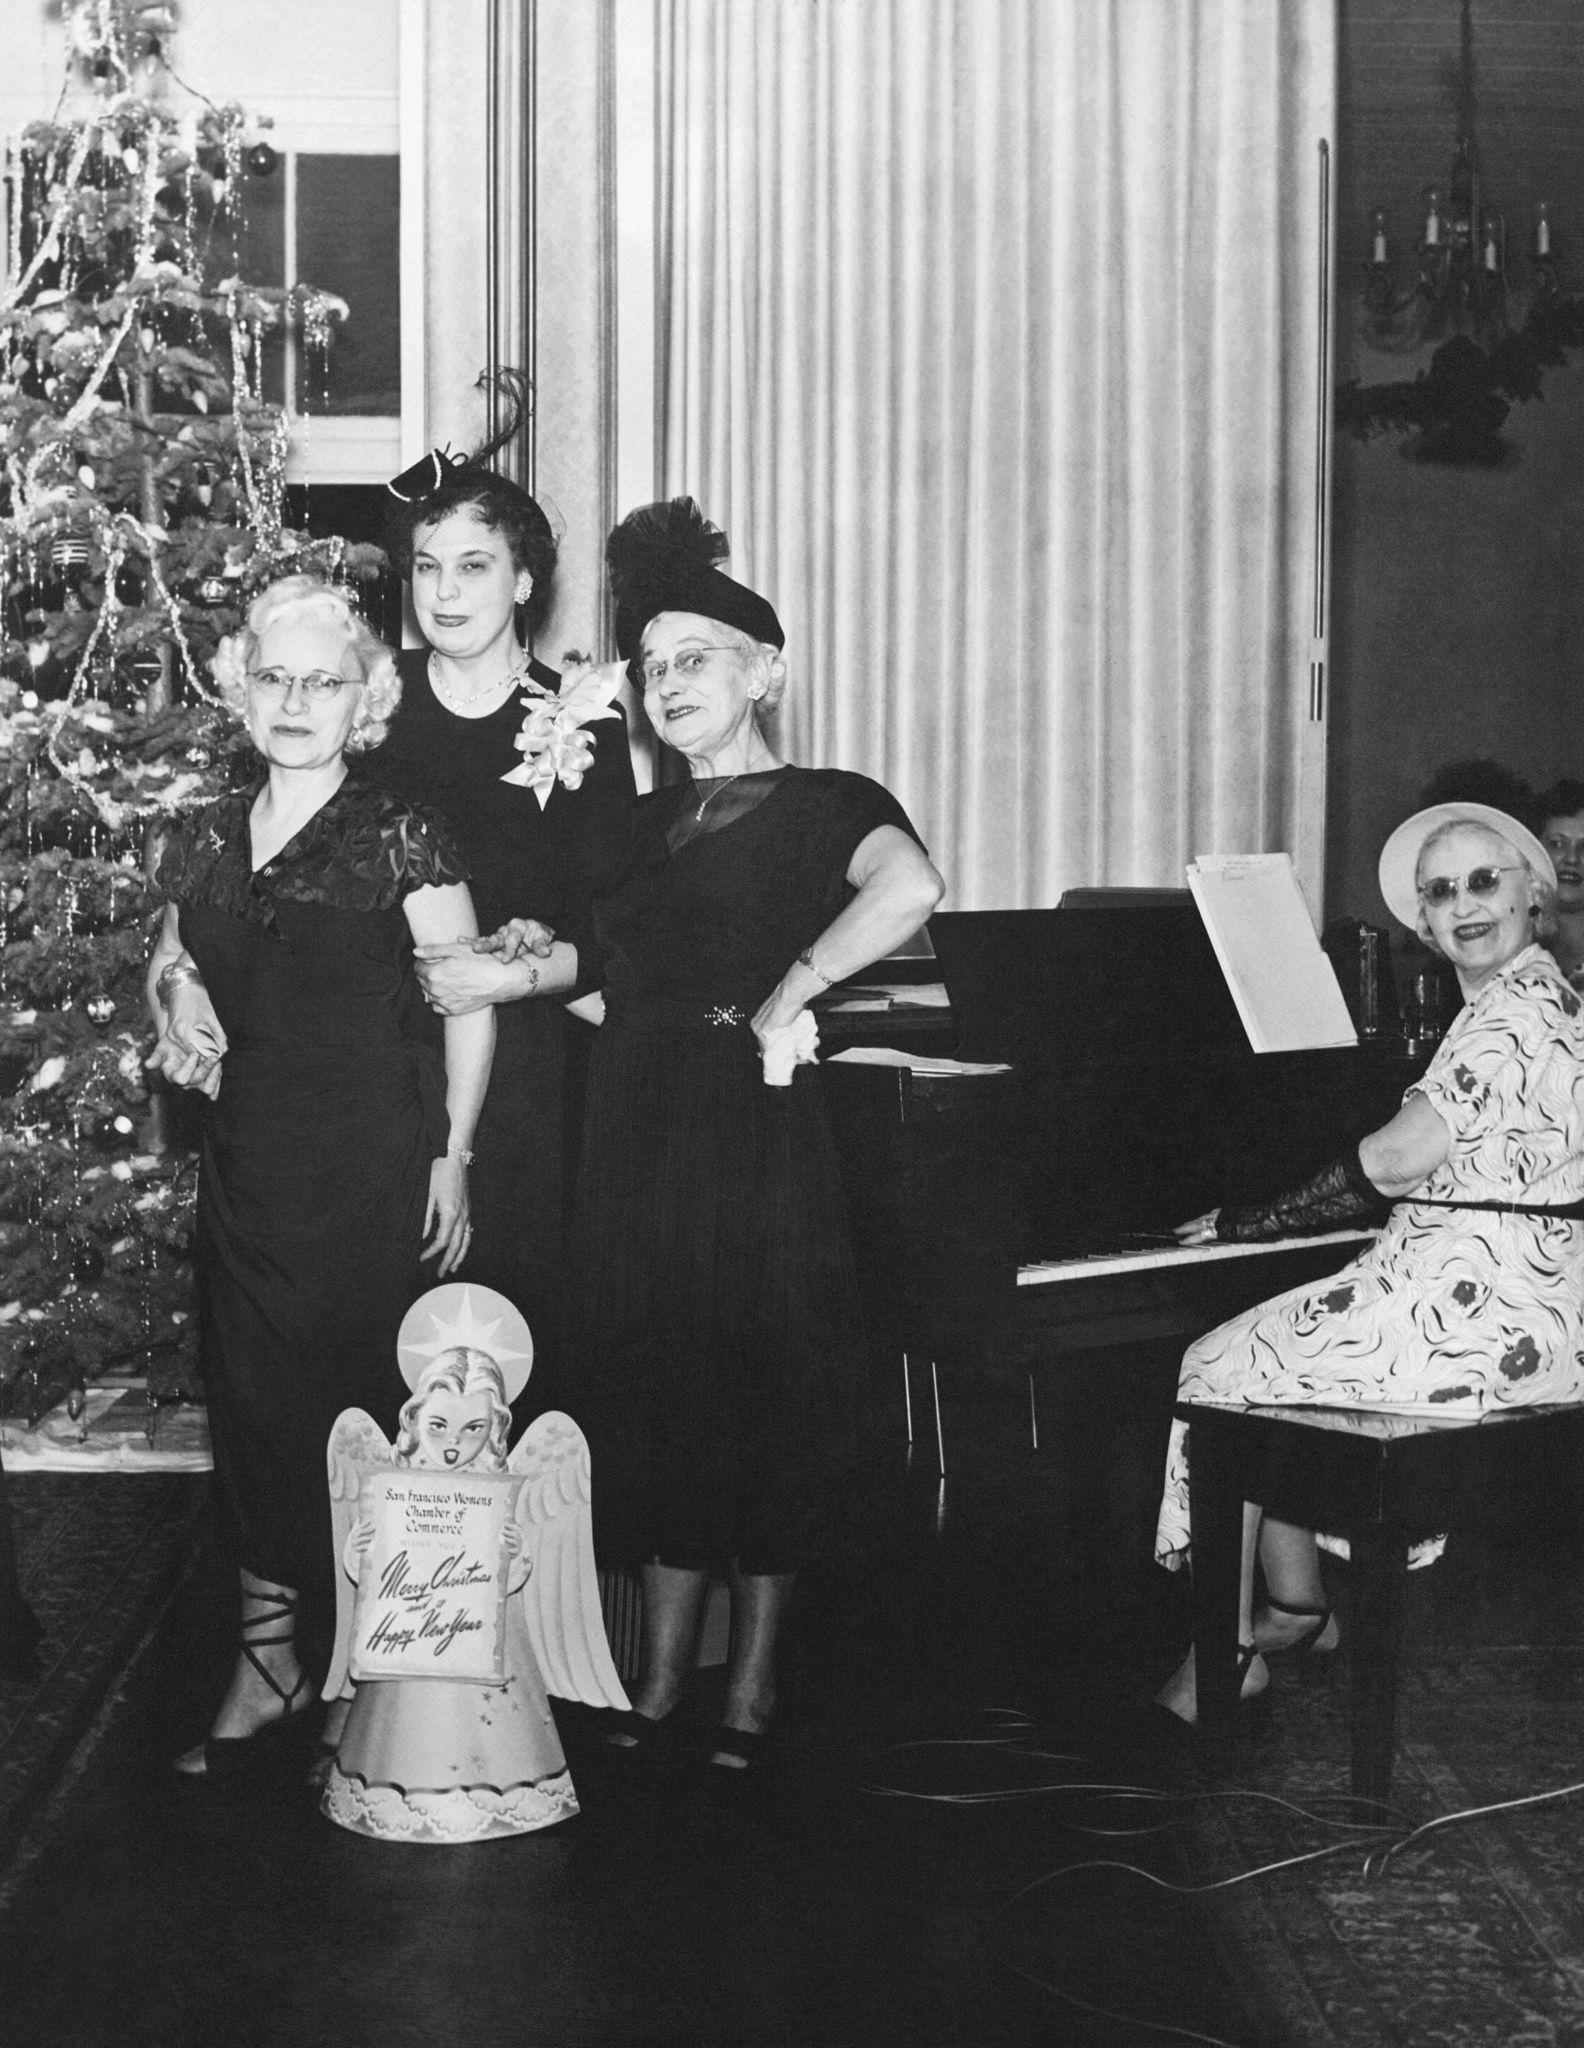 1940. Веселые члены Торговой палаты Сан-Франциско желают вам счастливого Рождества и Нового года, Сан-Франциско, Калифорния.jpg